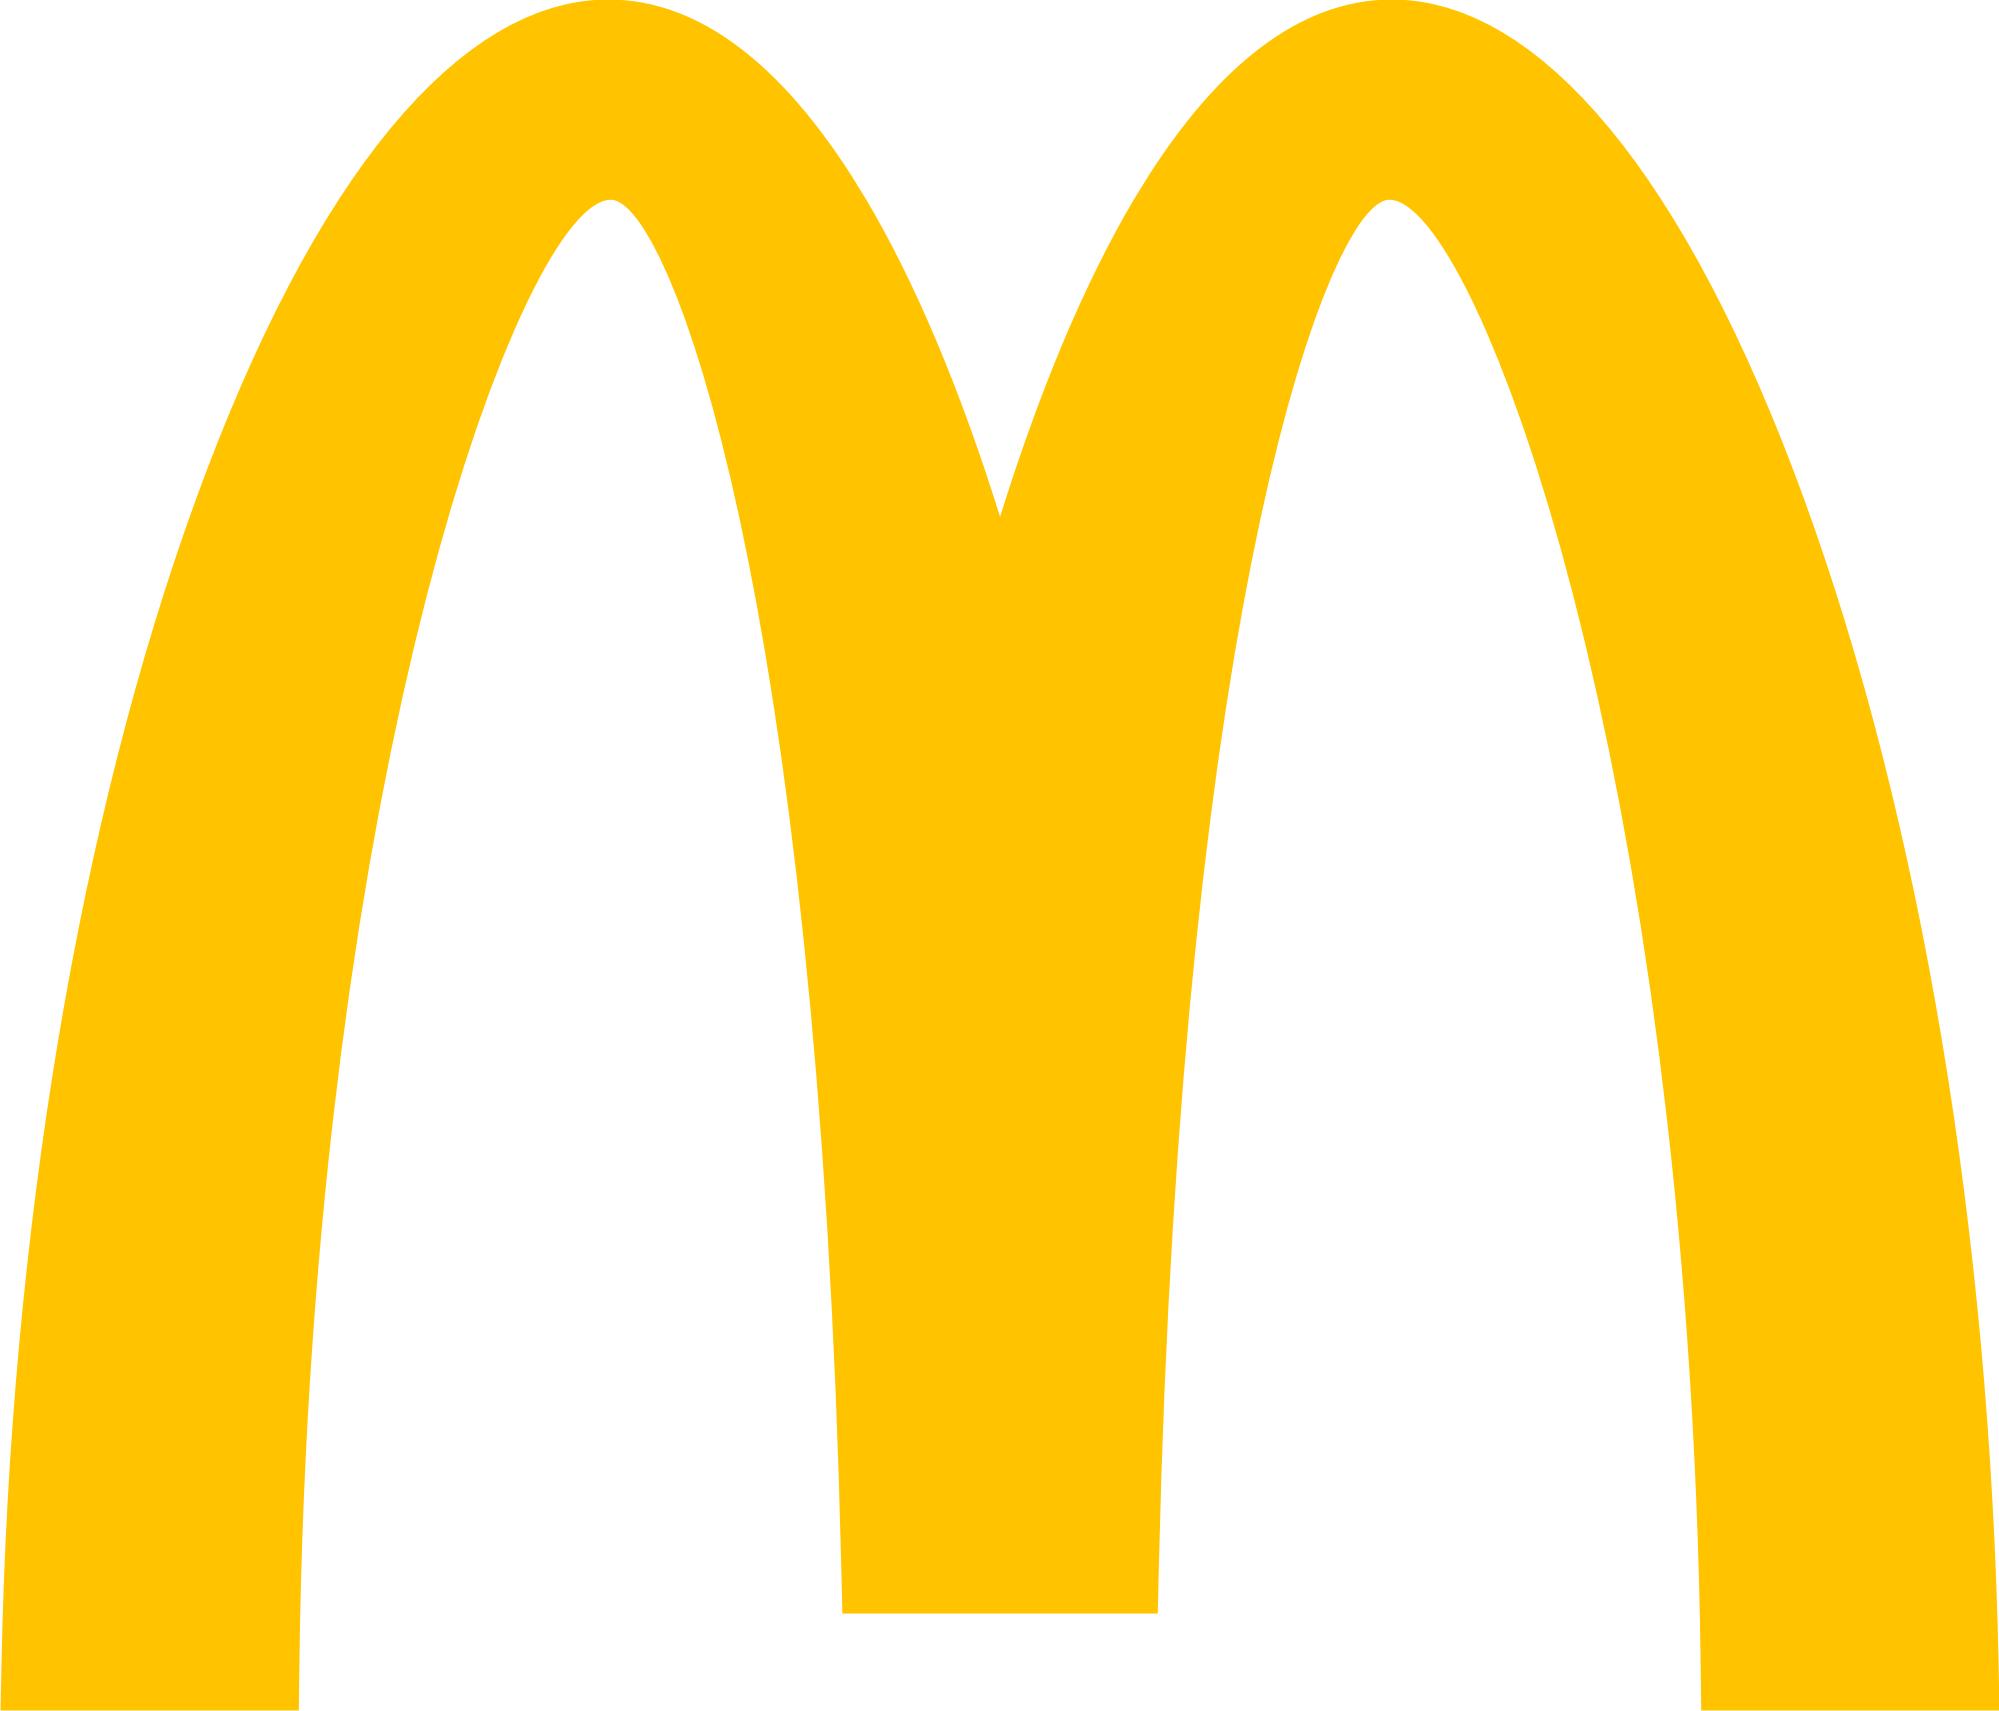 Mcdonald s logo png. Mcdonalds clipart